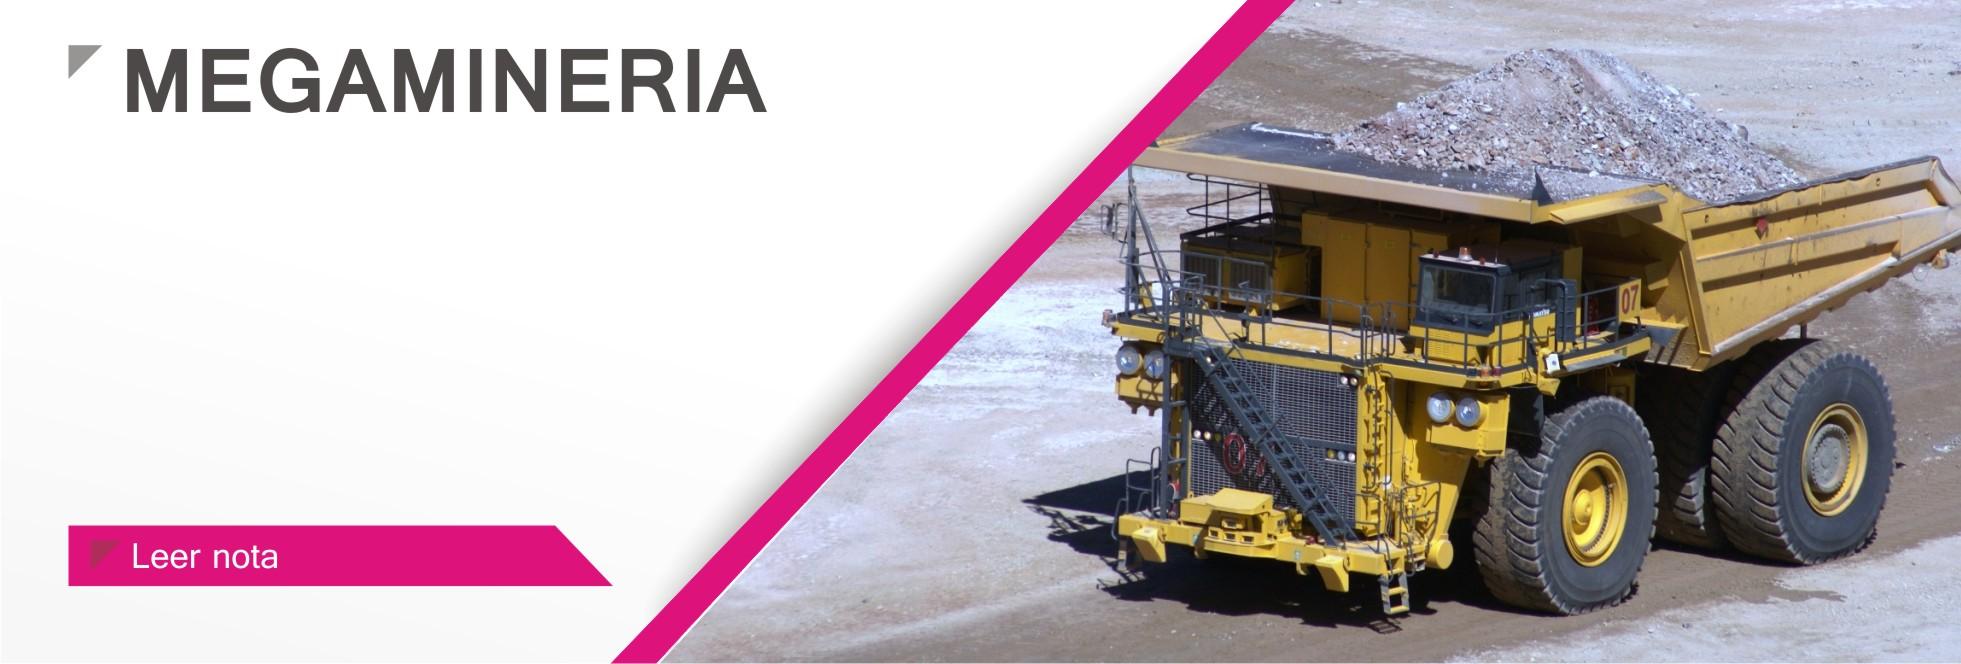 La Argentina es el sexto país con más recursos mineros del mundo. Su explotación multiplicó por siete la facturación de las exportaciones, pese a los terribles efectos sobre el medio ambiente. Controversias y proyecciones de la actividad minera argentina.